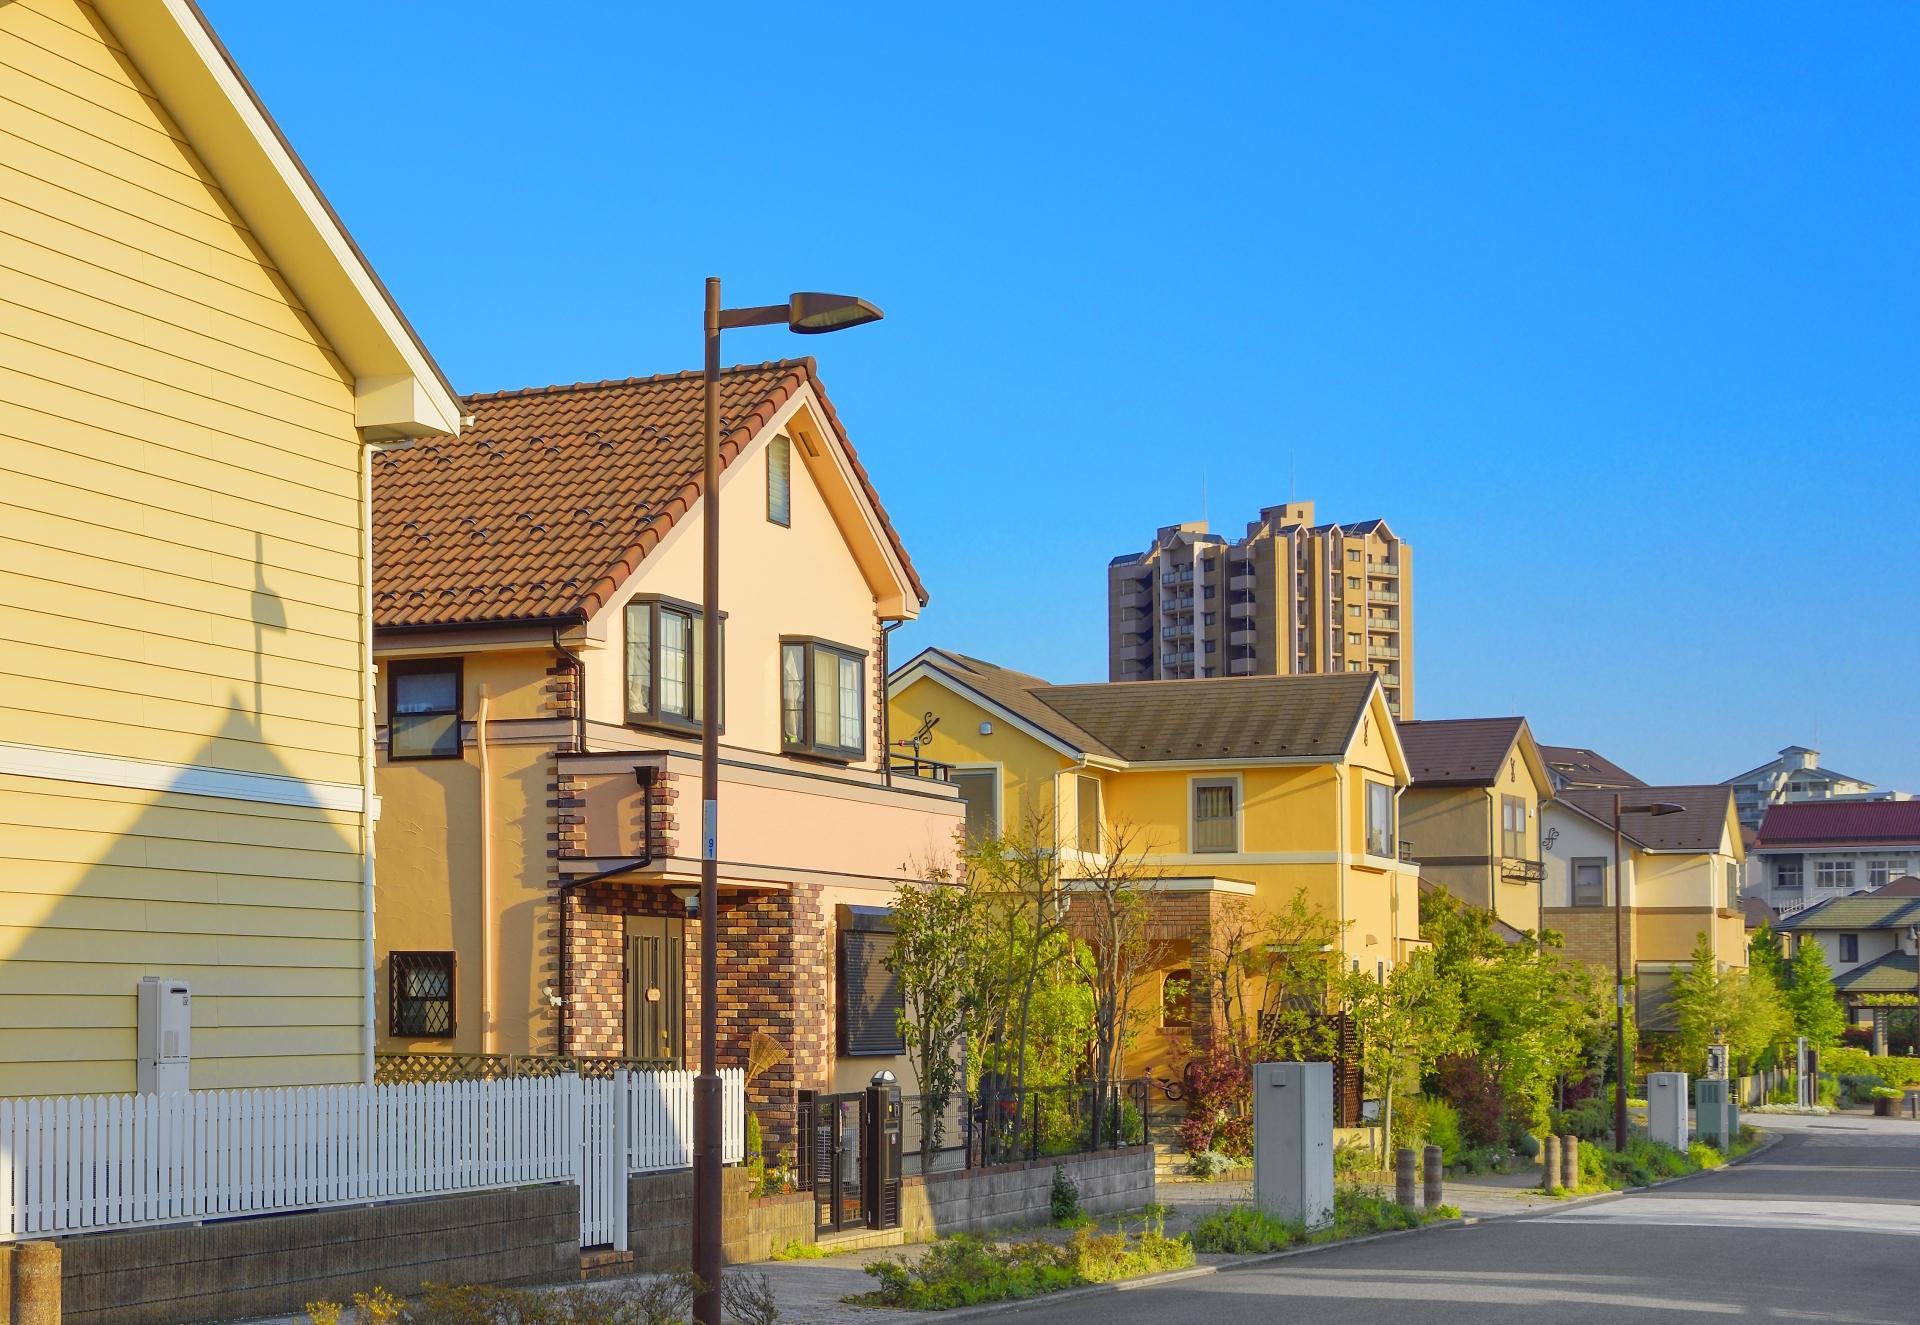 令和には日本でもホームインスペクション(住宅診断)が常識になっていく理由